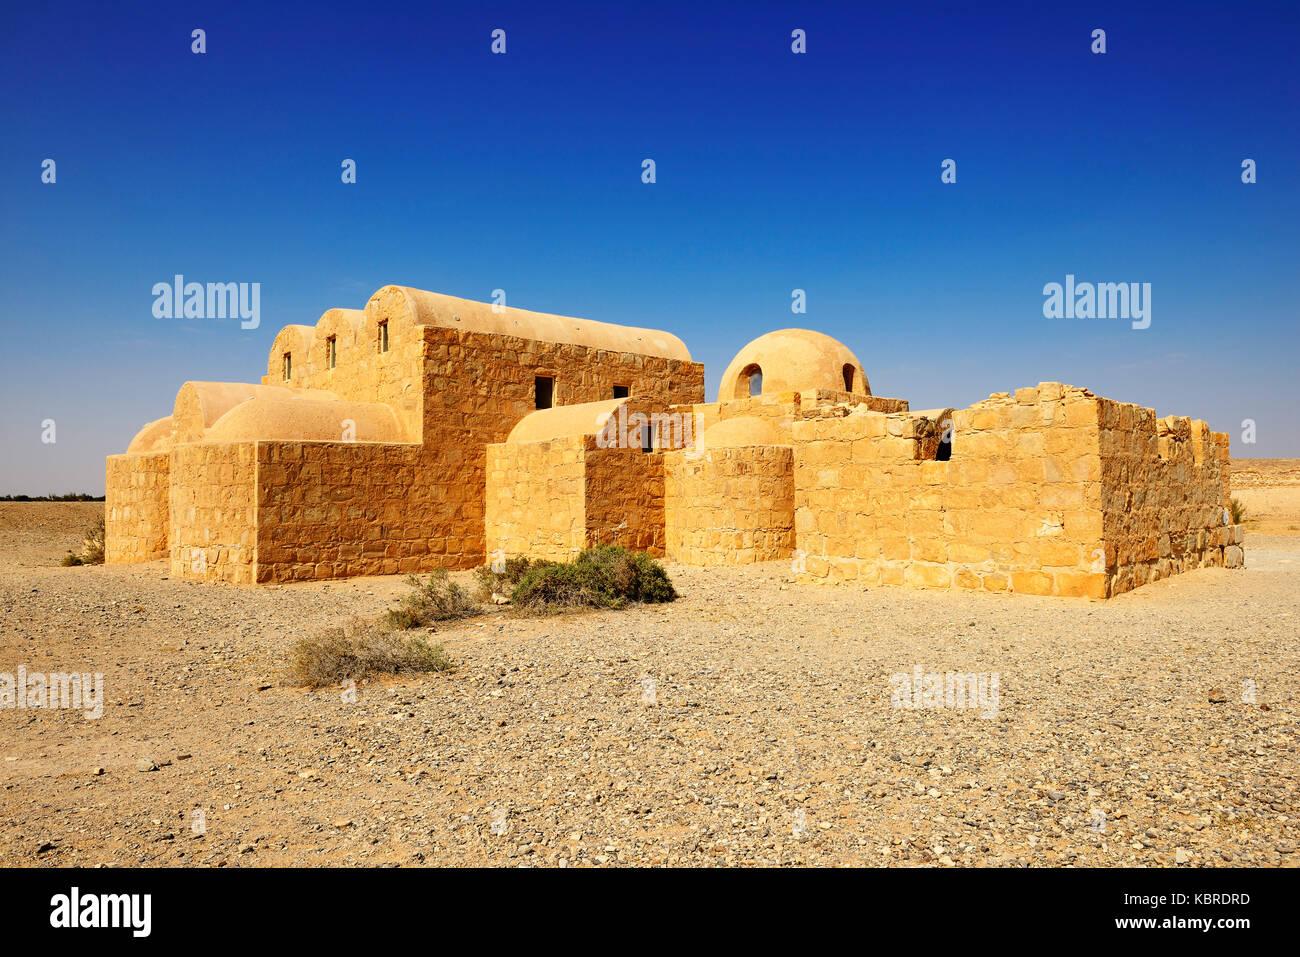 Omeya desierto castillo, Qasr Amra, Jordania Imagen De Stock